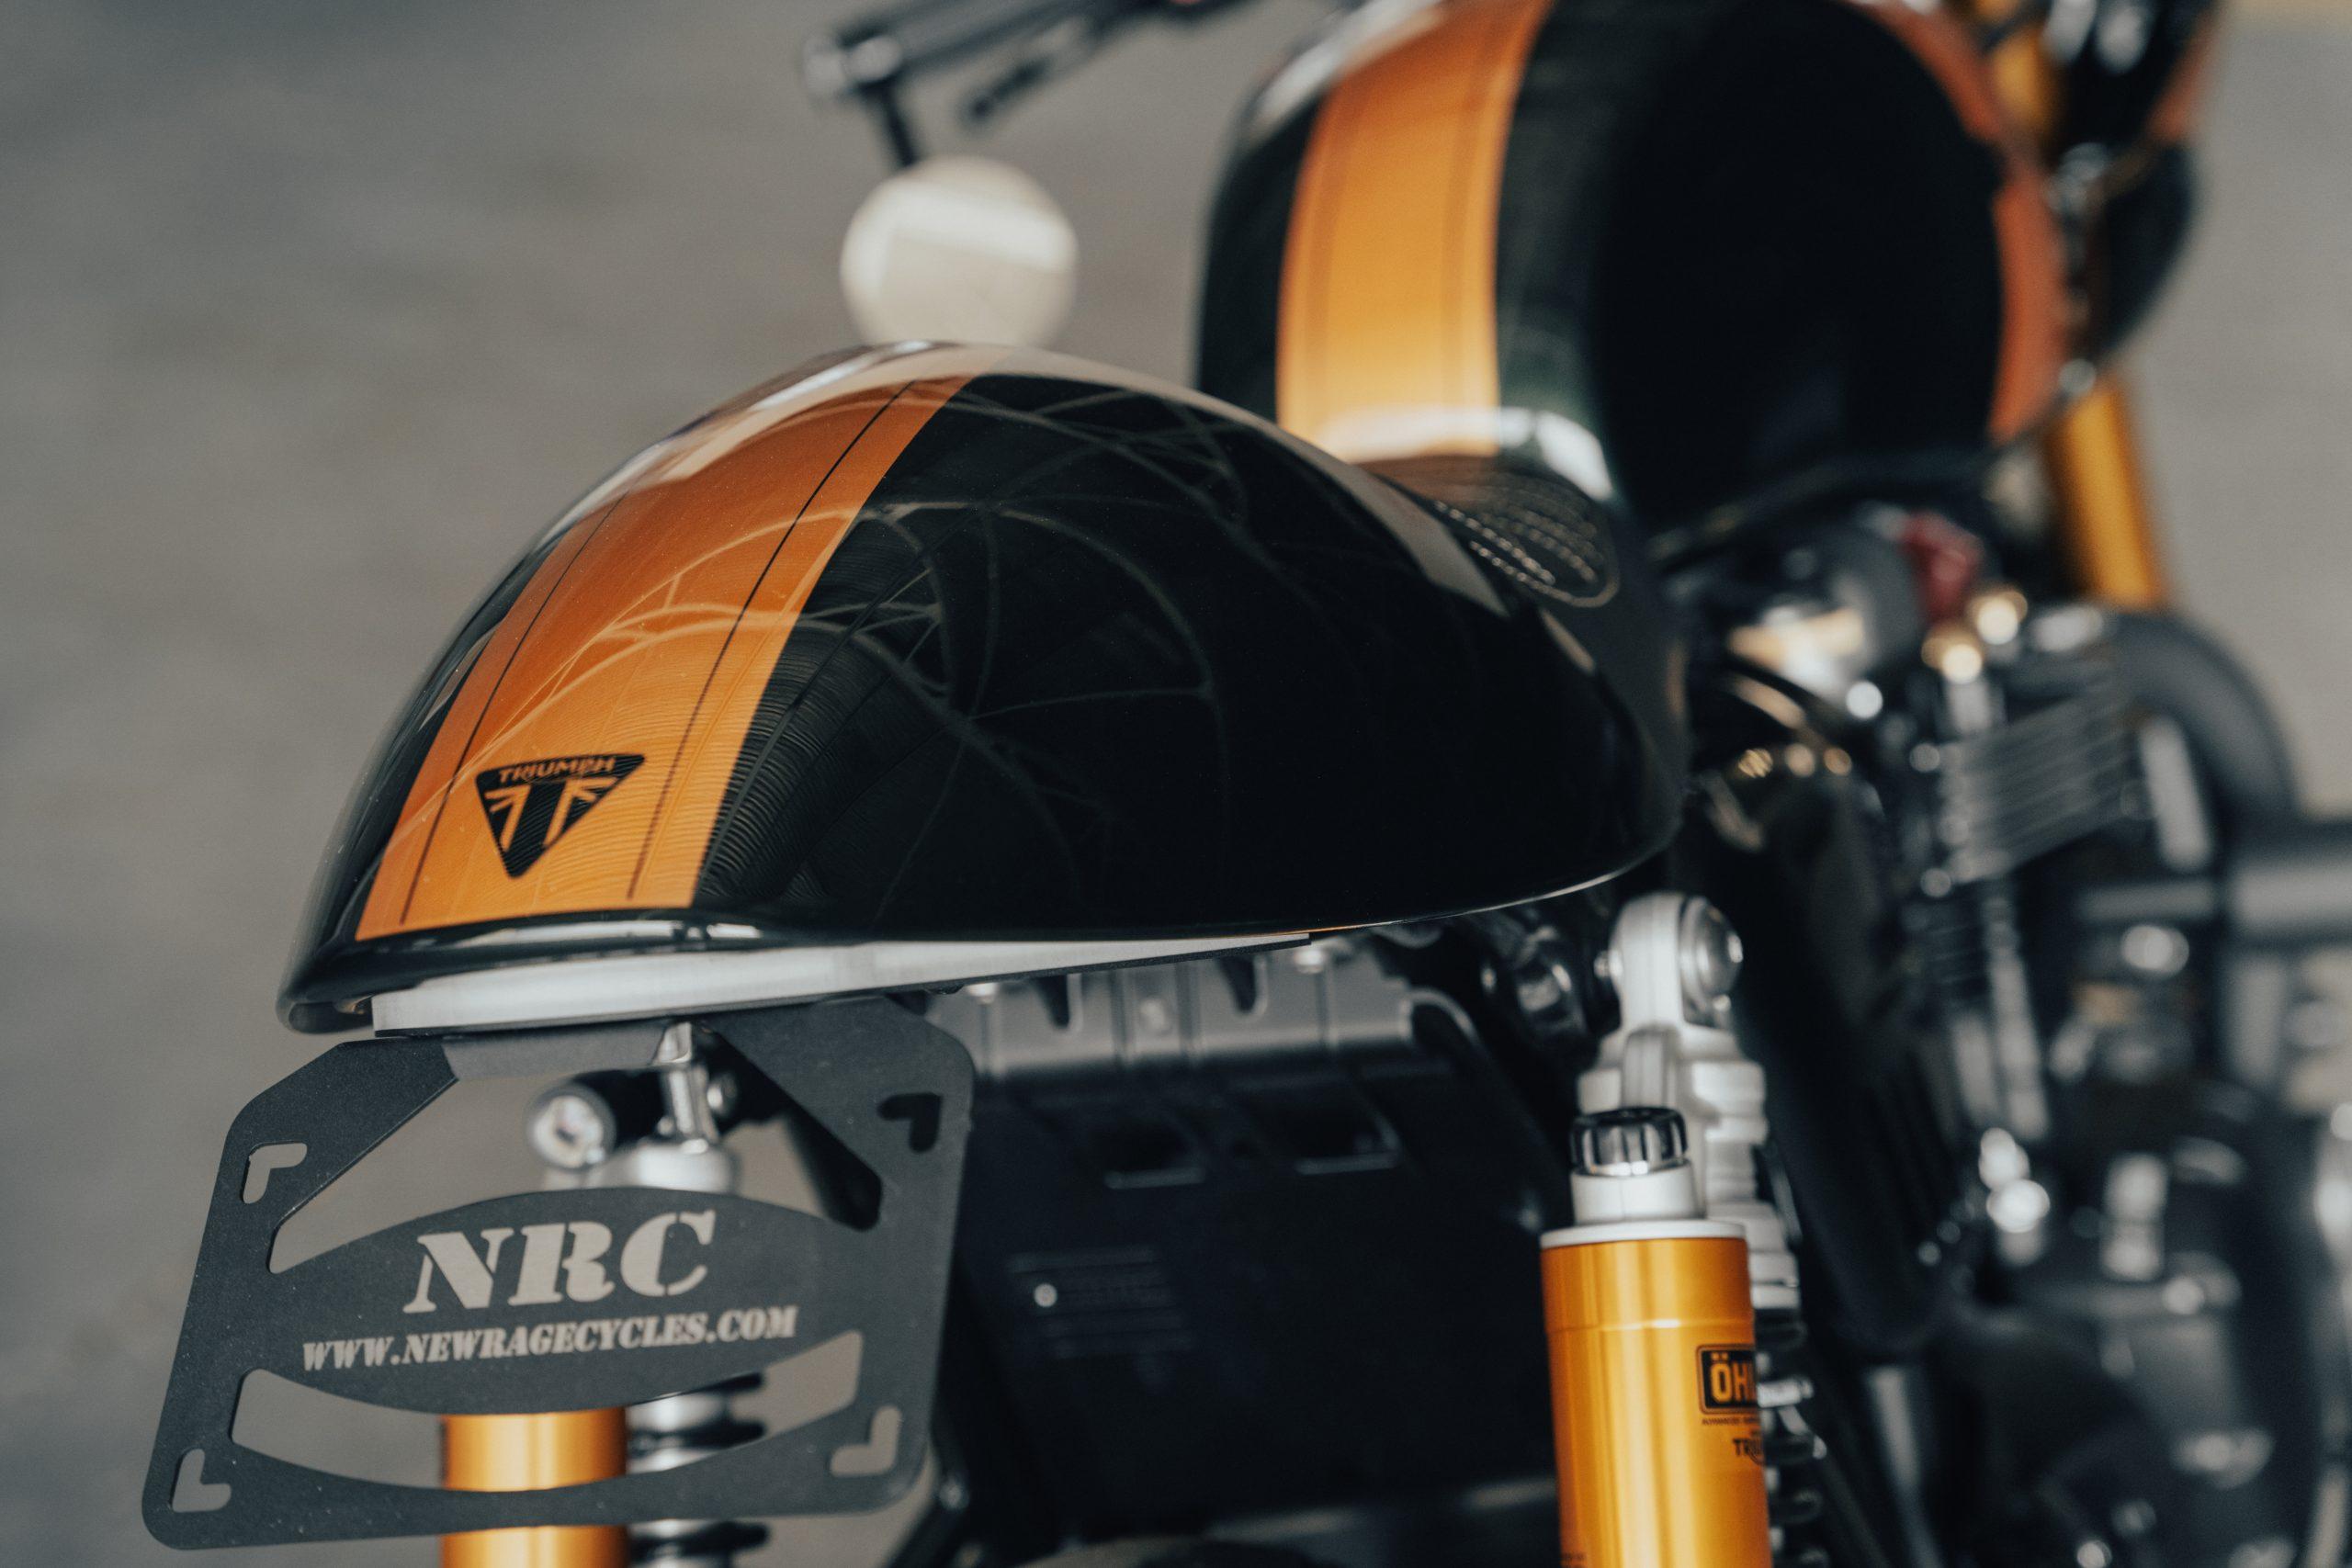 Thruxton 1200 RS